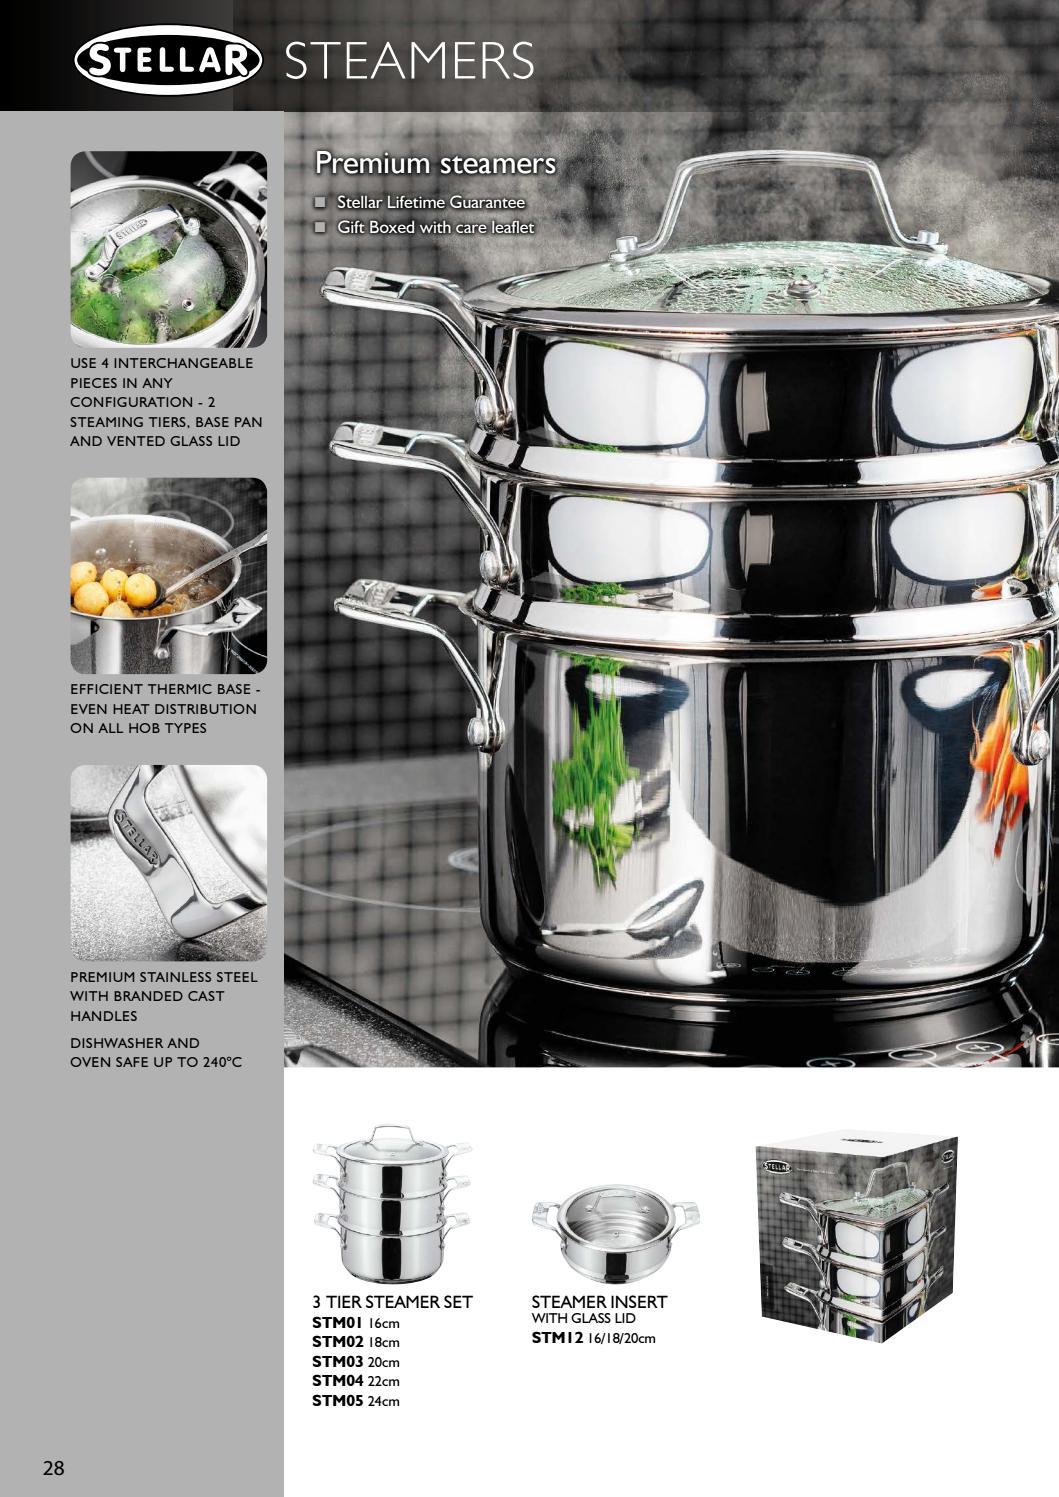 Stellar Premium 22cm 3 Tier Steamer Set